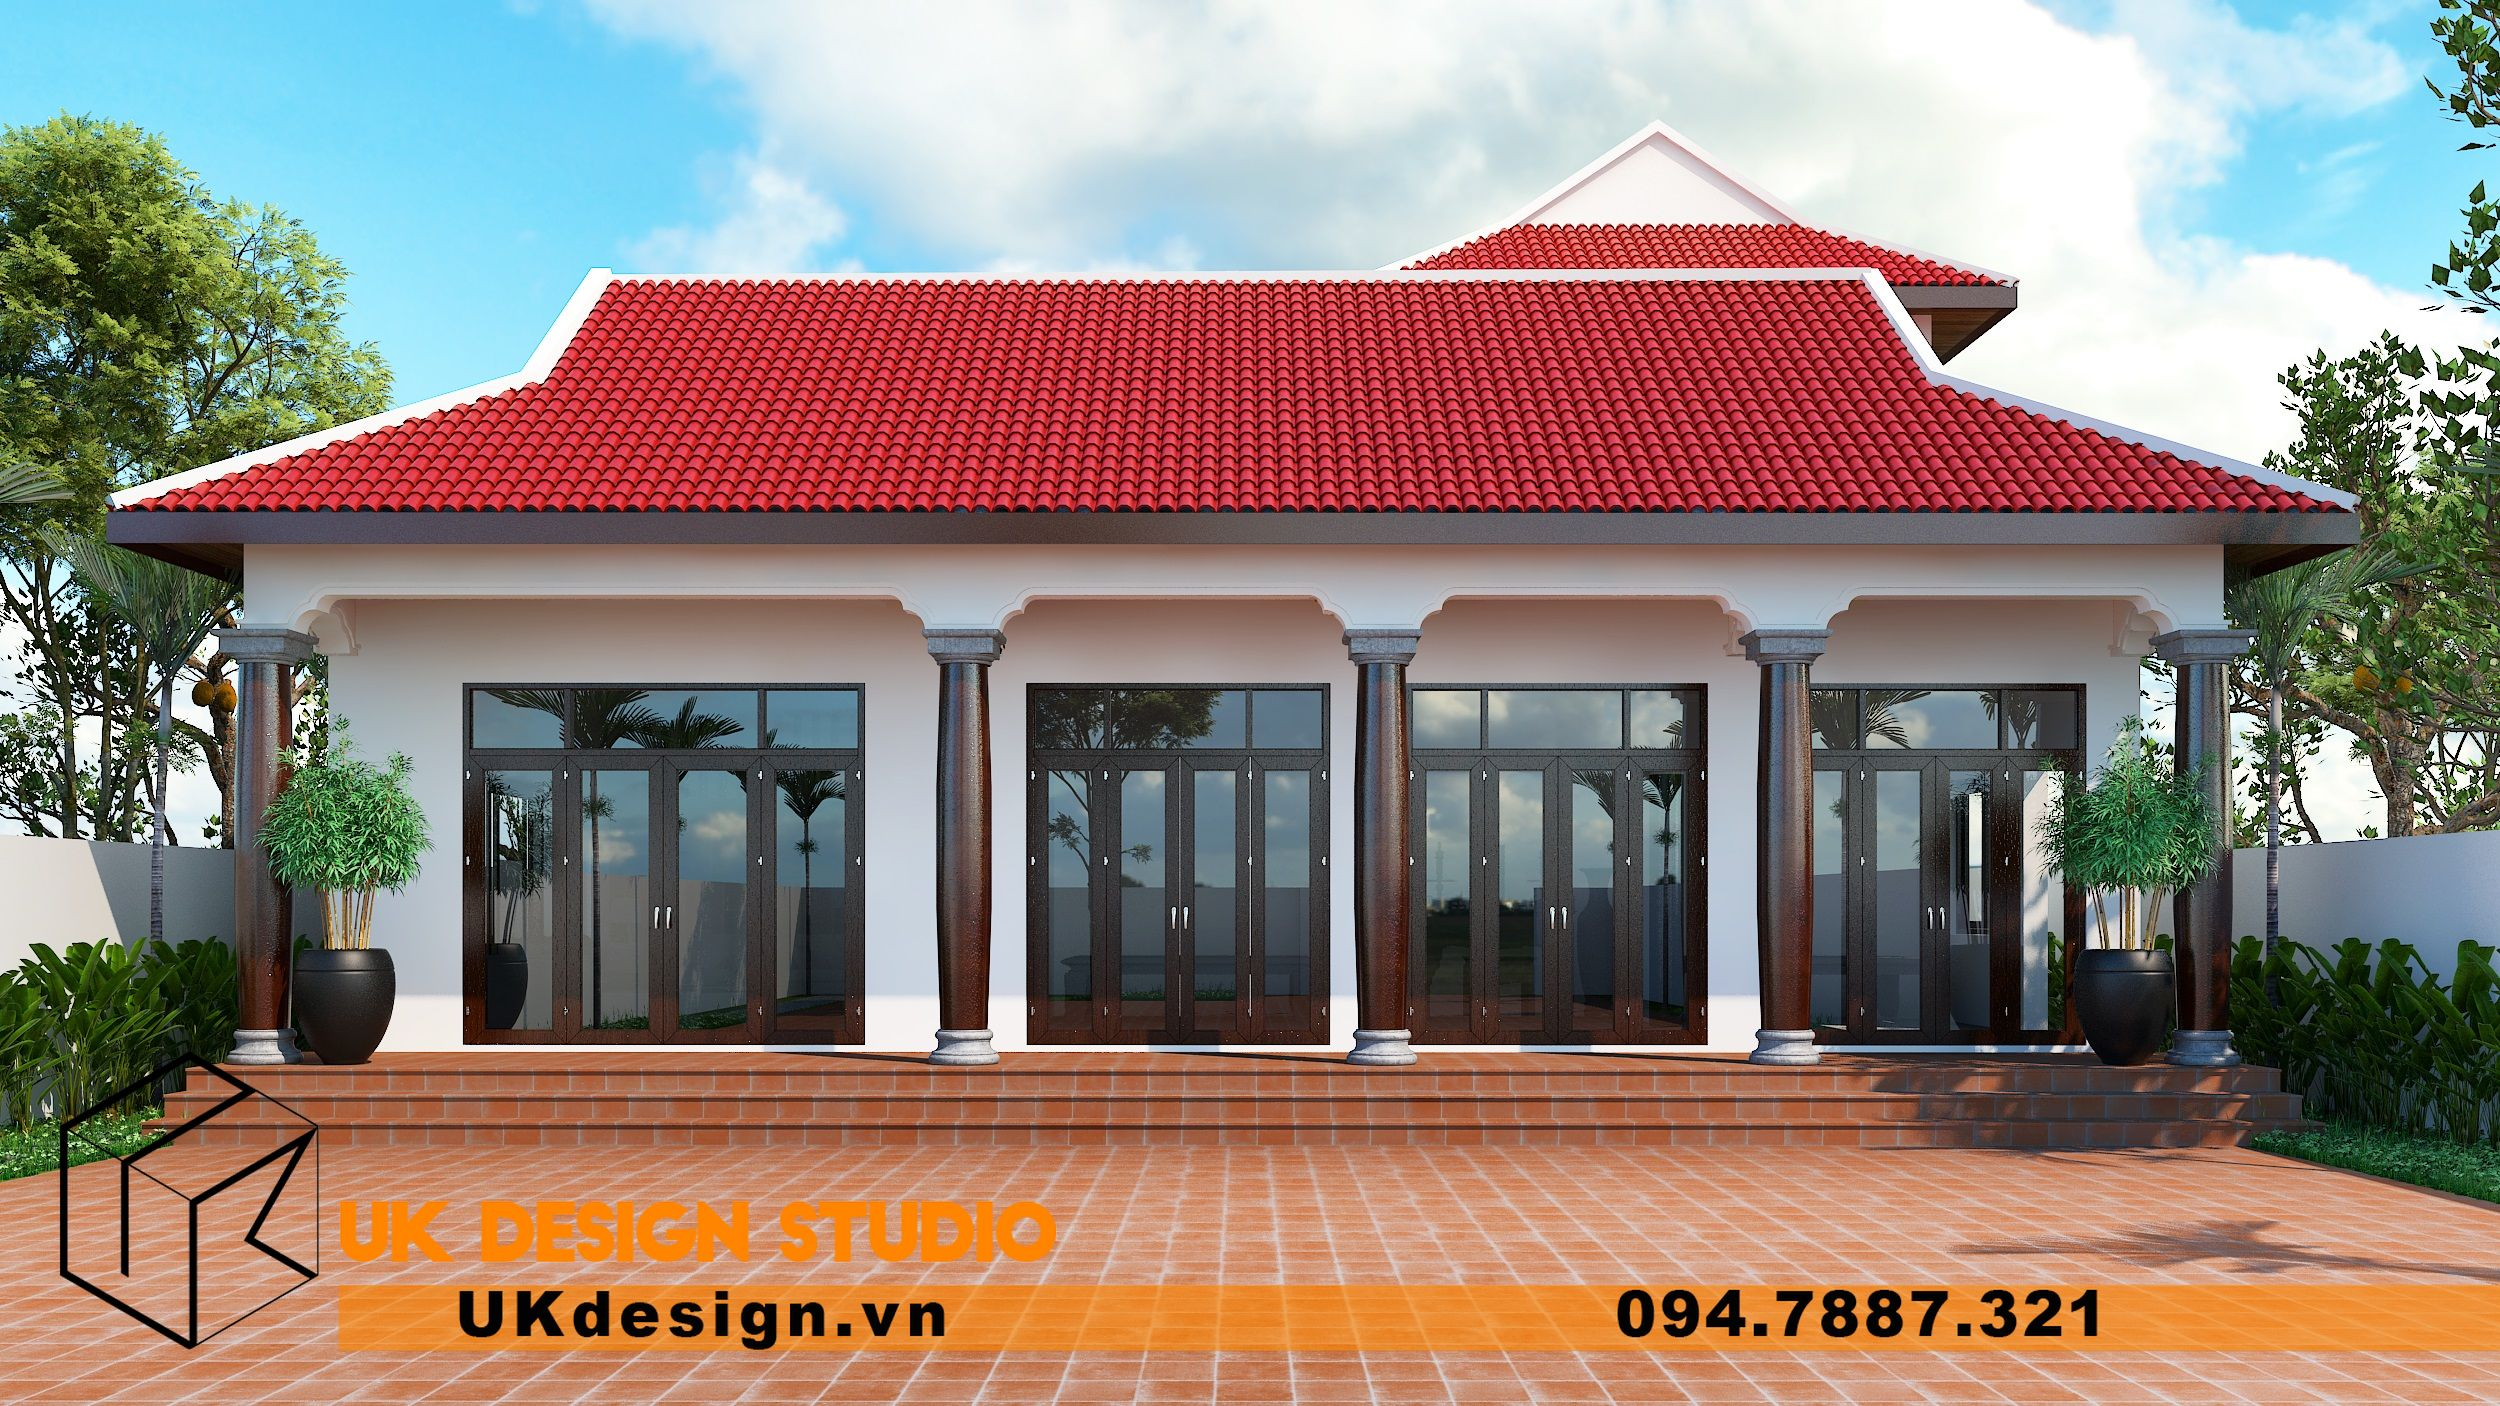 Thiết kế biệt thự kết hợp nhà thờ ở Bình Dương